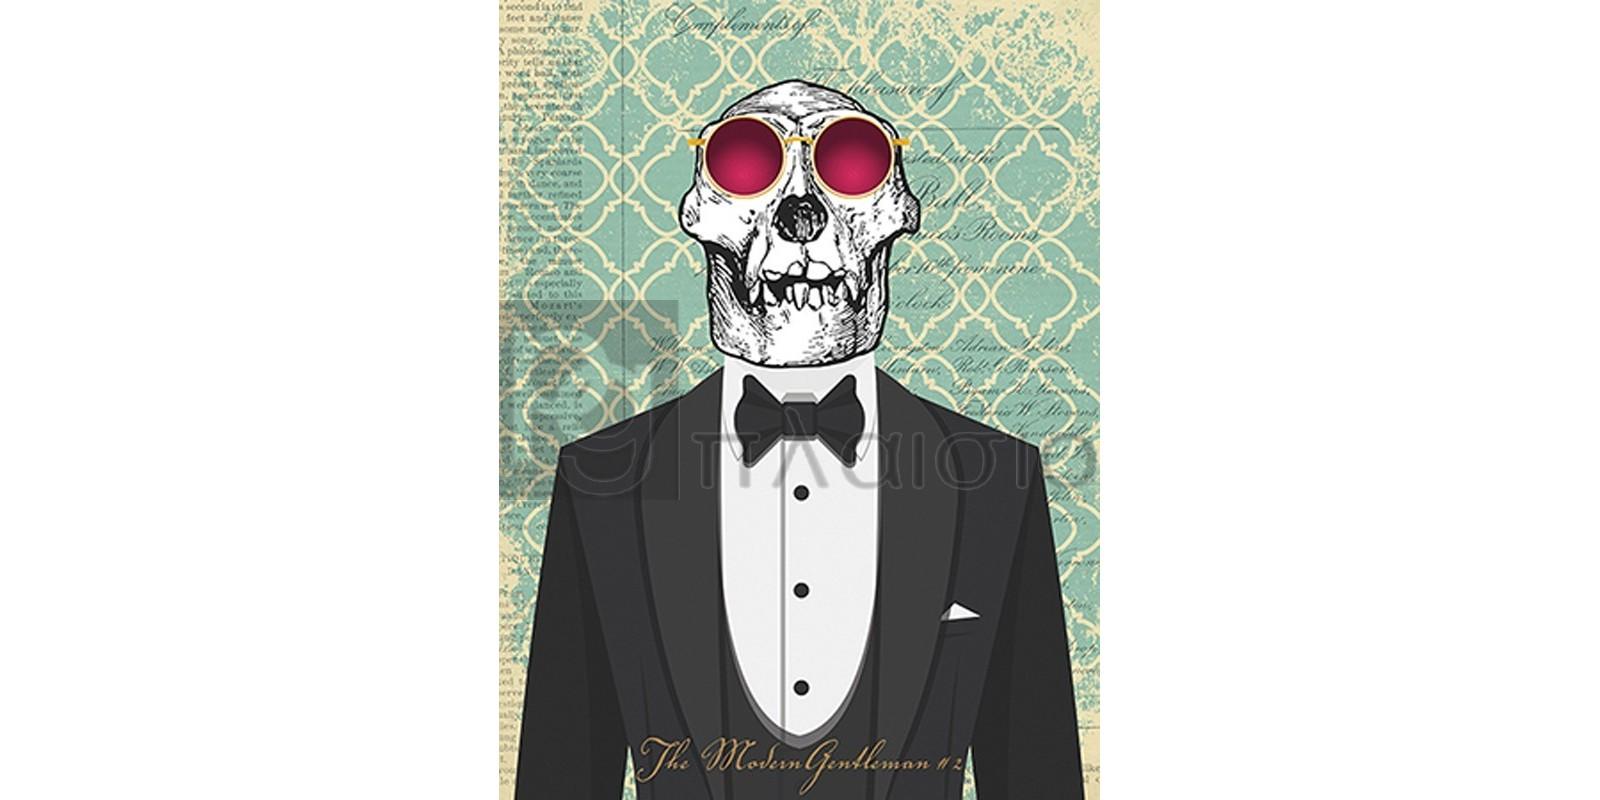 Steven Hill - The Modern Gentleman 2